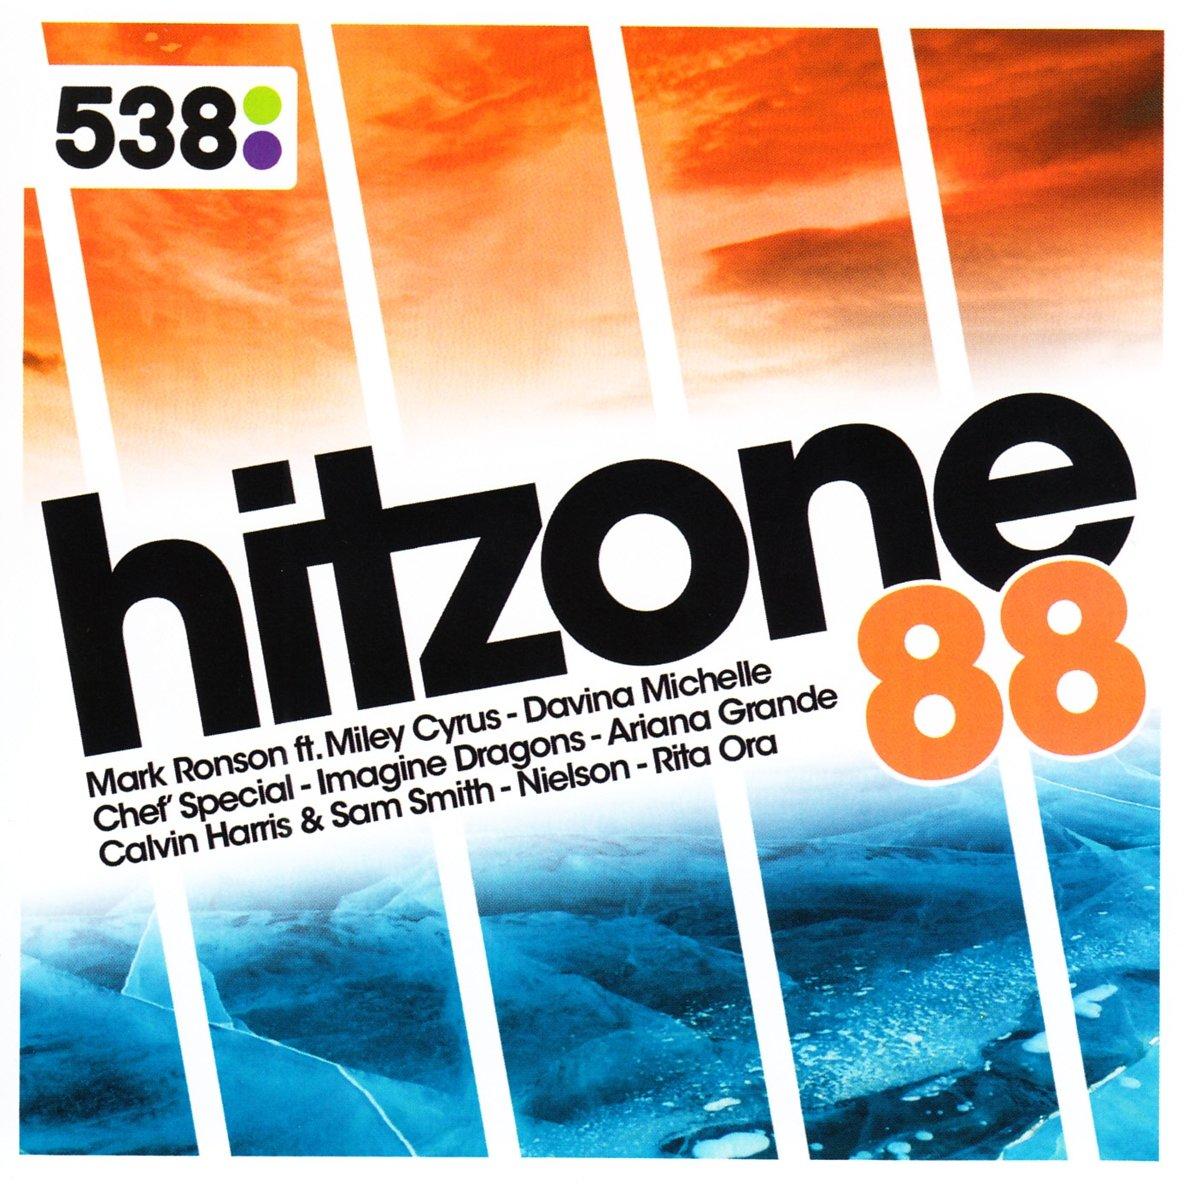 538 Hitzone 88 - Hitzone